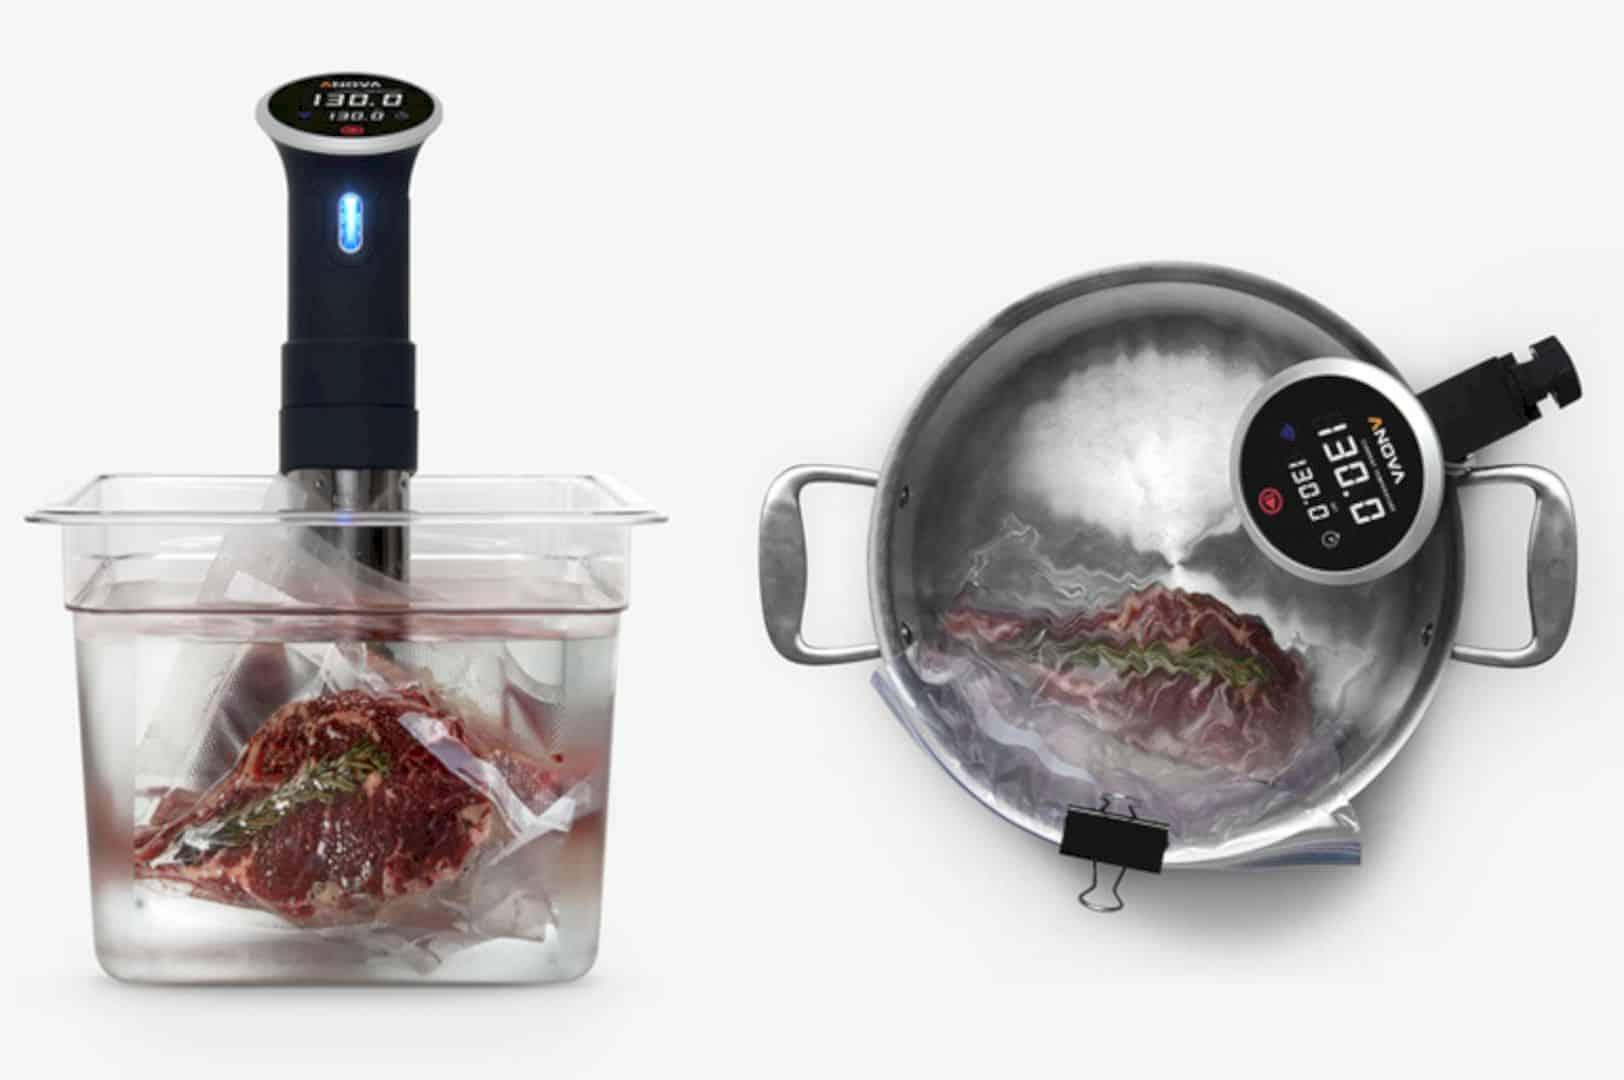 Anova Precision Cooker 3